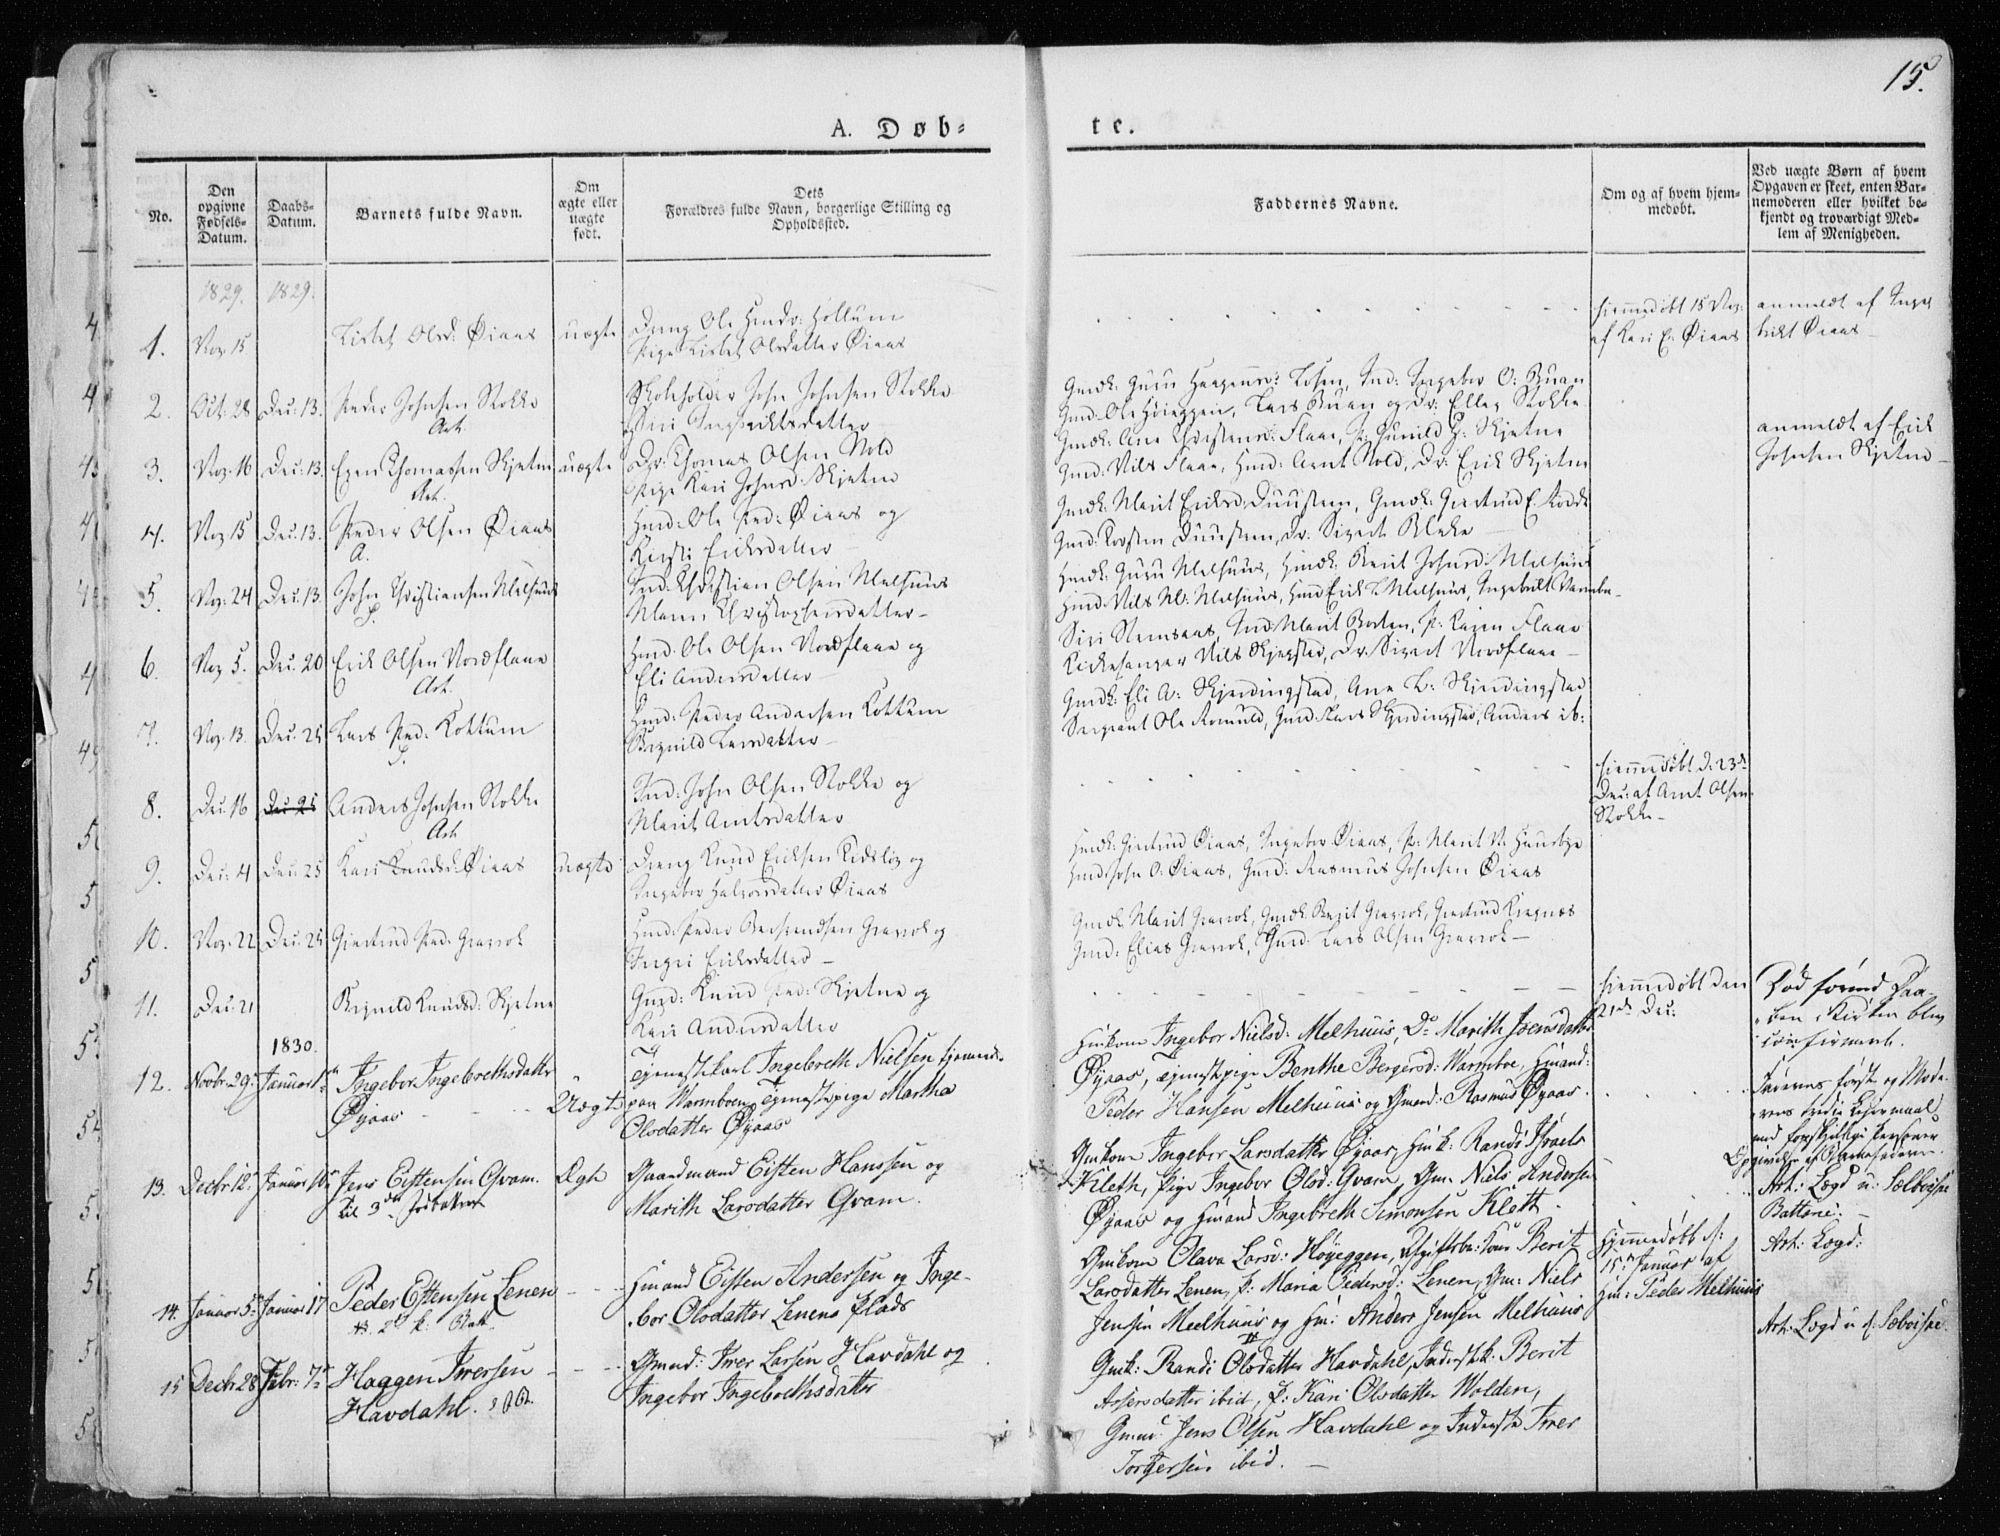 SAT, Ministerialprotokoller, klokkerbøker og fødselsregistre - Sør-Trøndelag, 691/L1069: Ministerialbok nr. 691A04, 1826-1841, s. 15